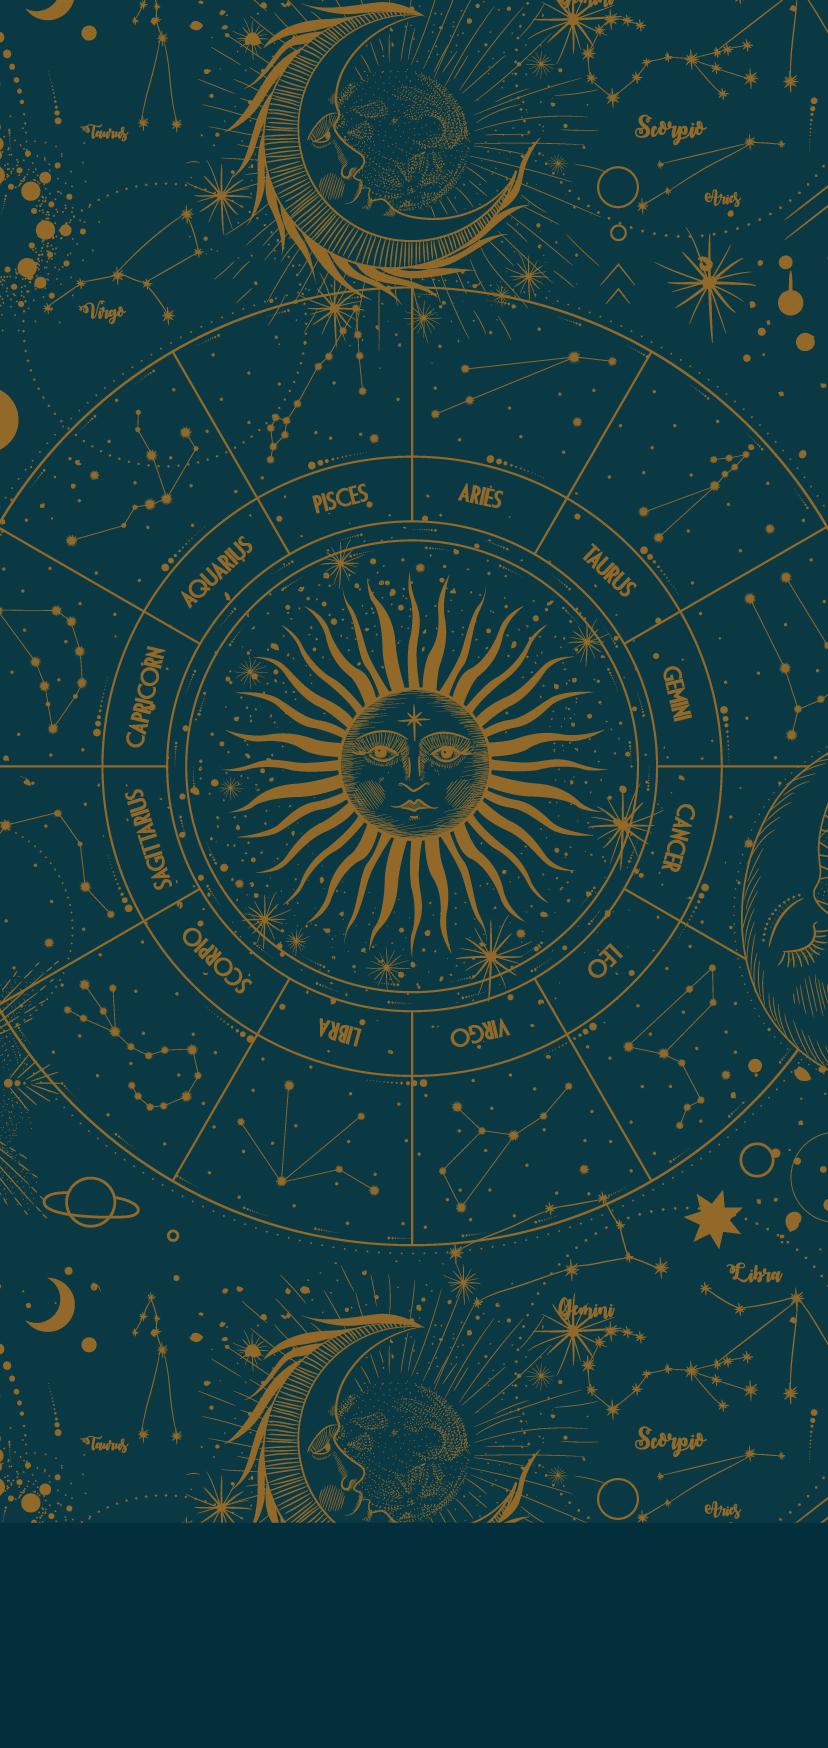 Fond d'écran Astral 1